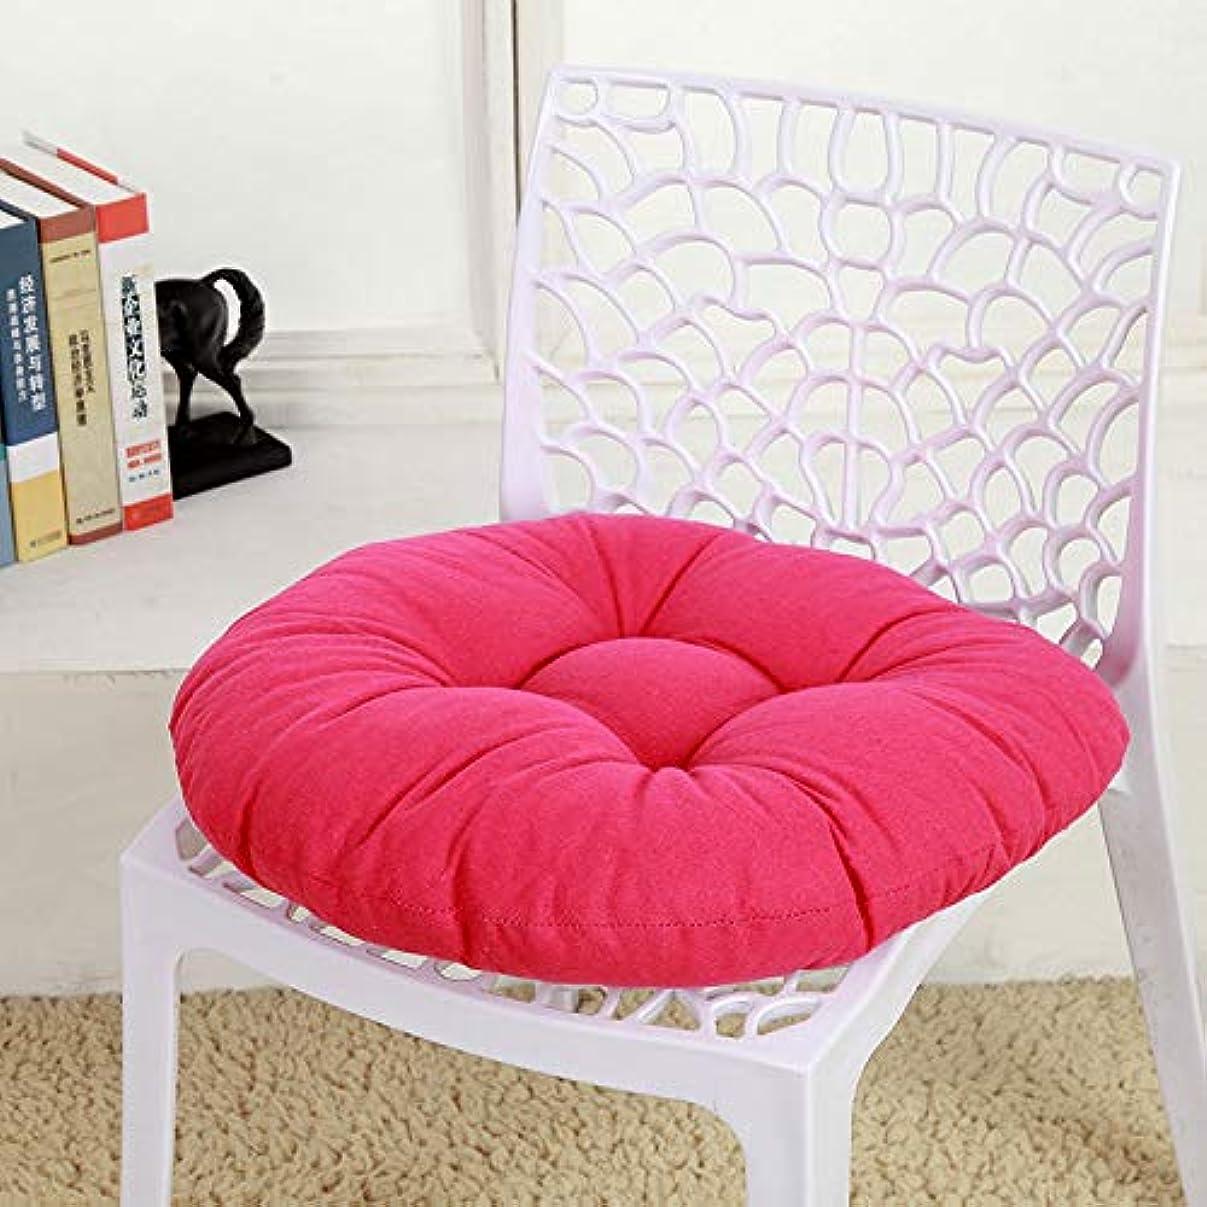 銀行ブラジャーアセSMART キャンディカラーのクッションラウンドシートクッション波ウィンドウシートクッションクッション家の装飾パッドラウンド枕シート枕椅子座る枕 クッション 椅子